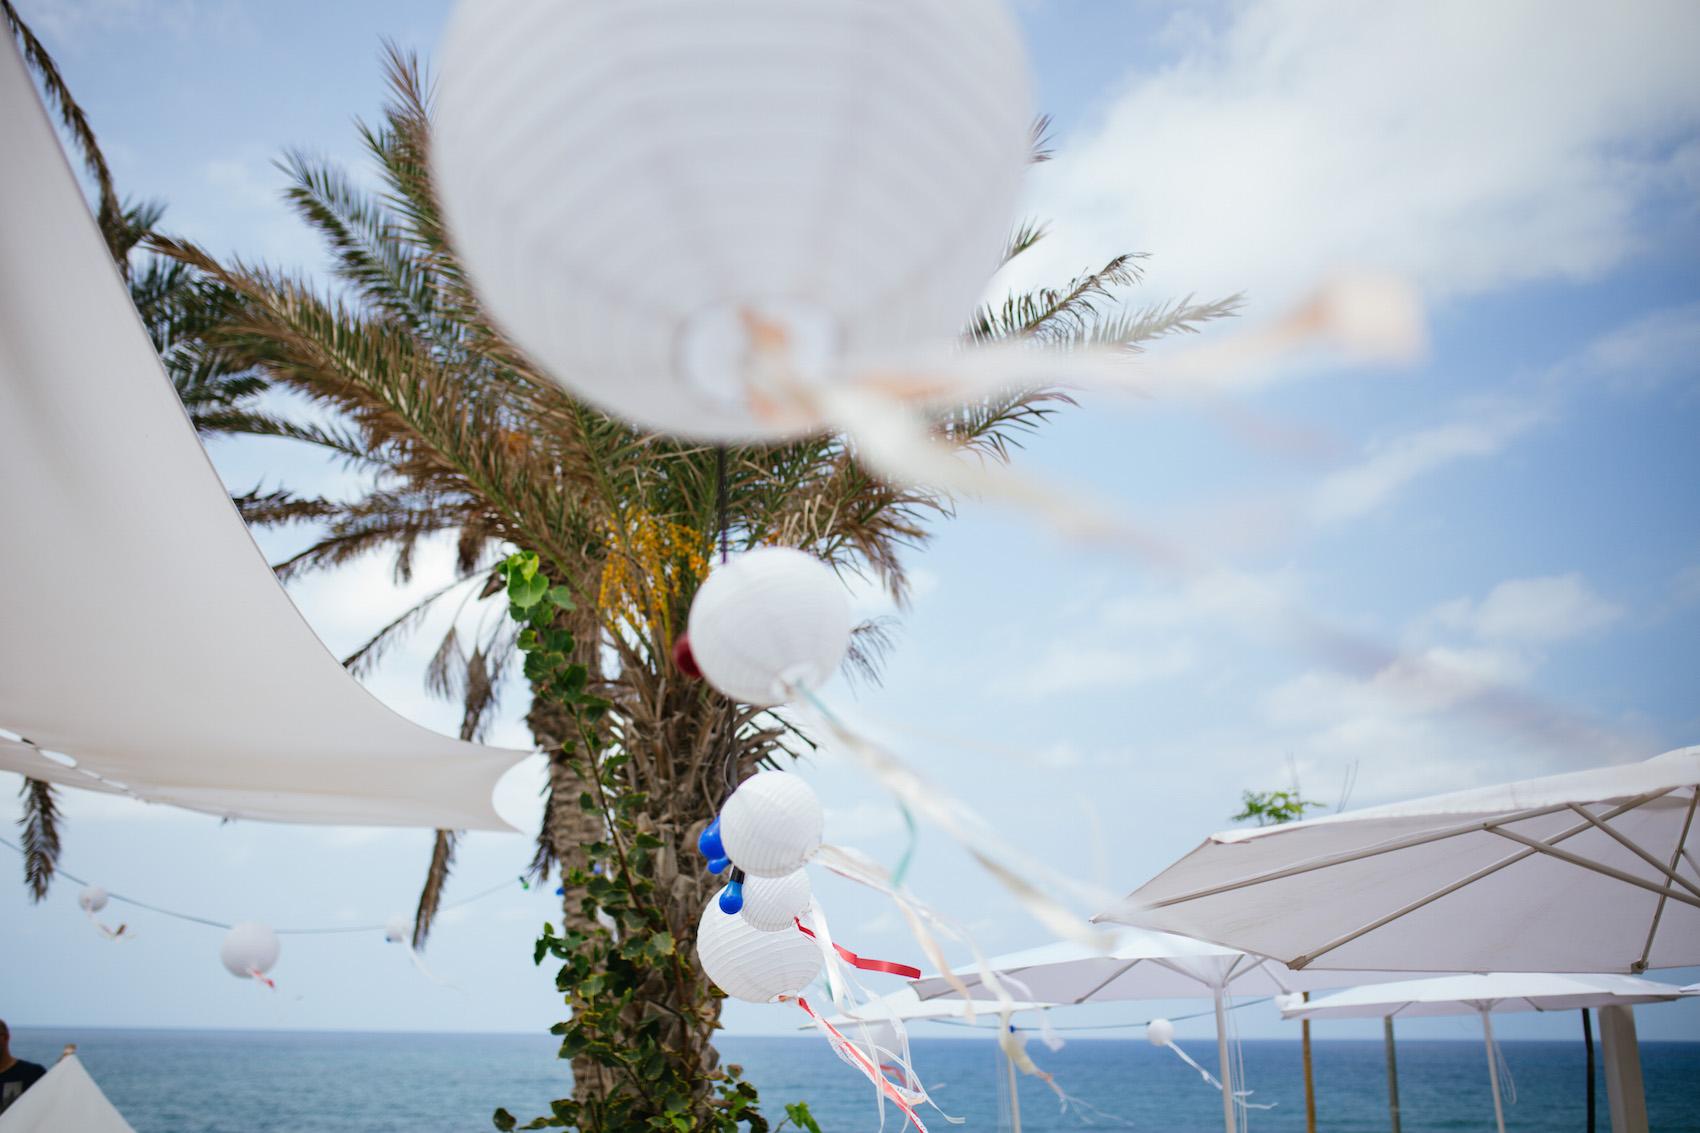 קו ראשון לים: חתונת סוף הקיץ של גל ועומרי